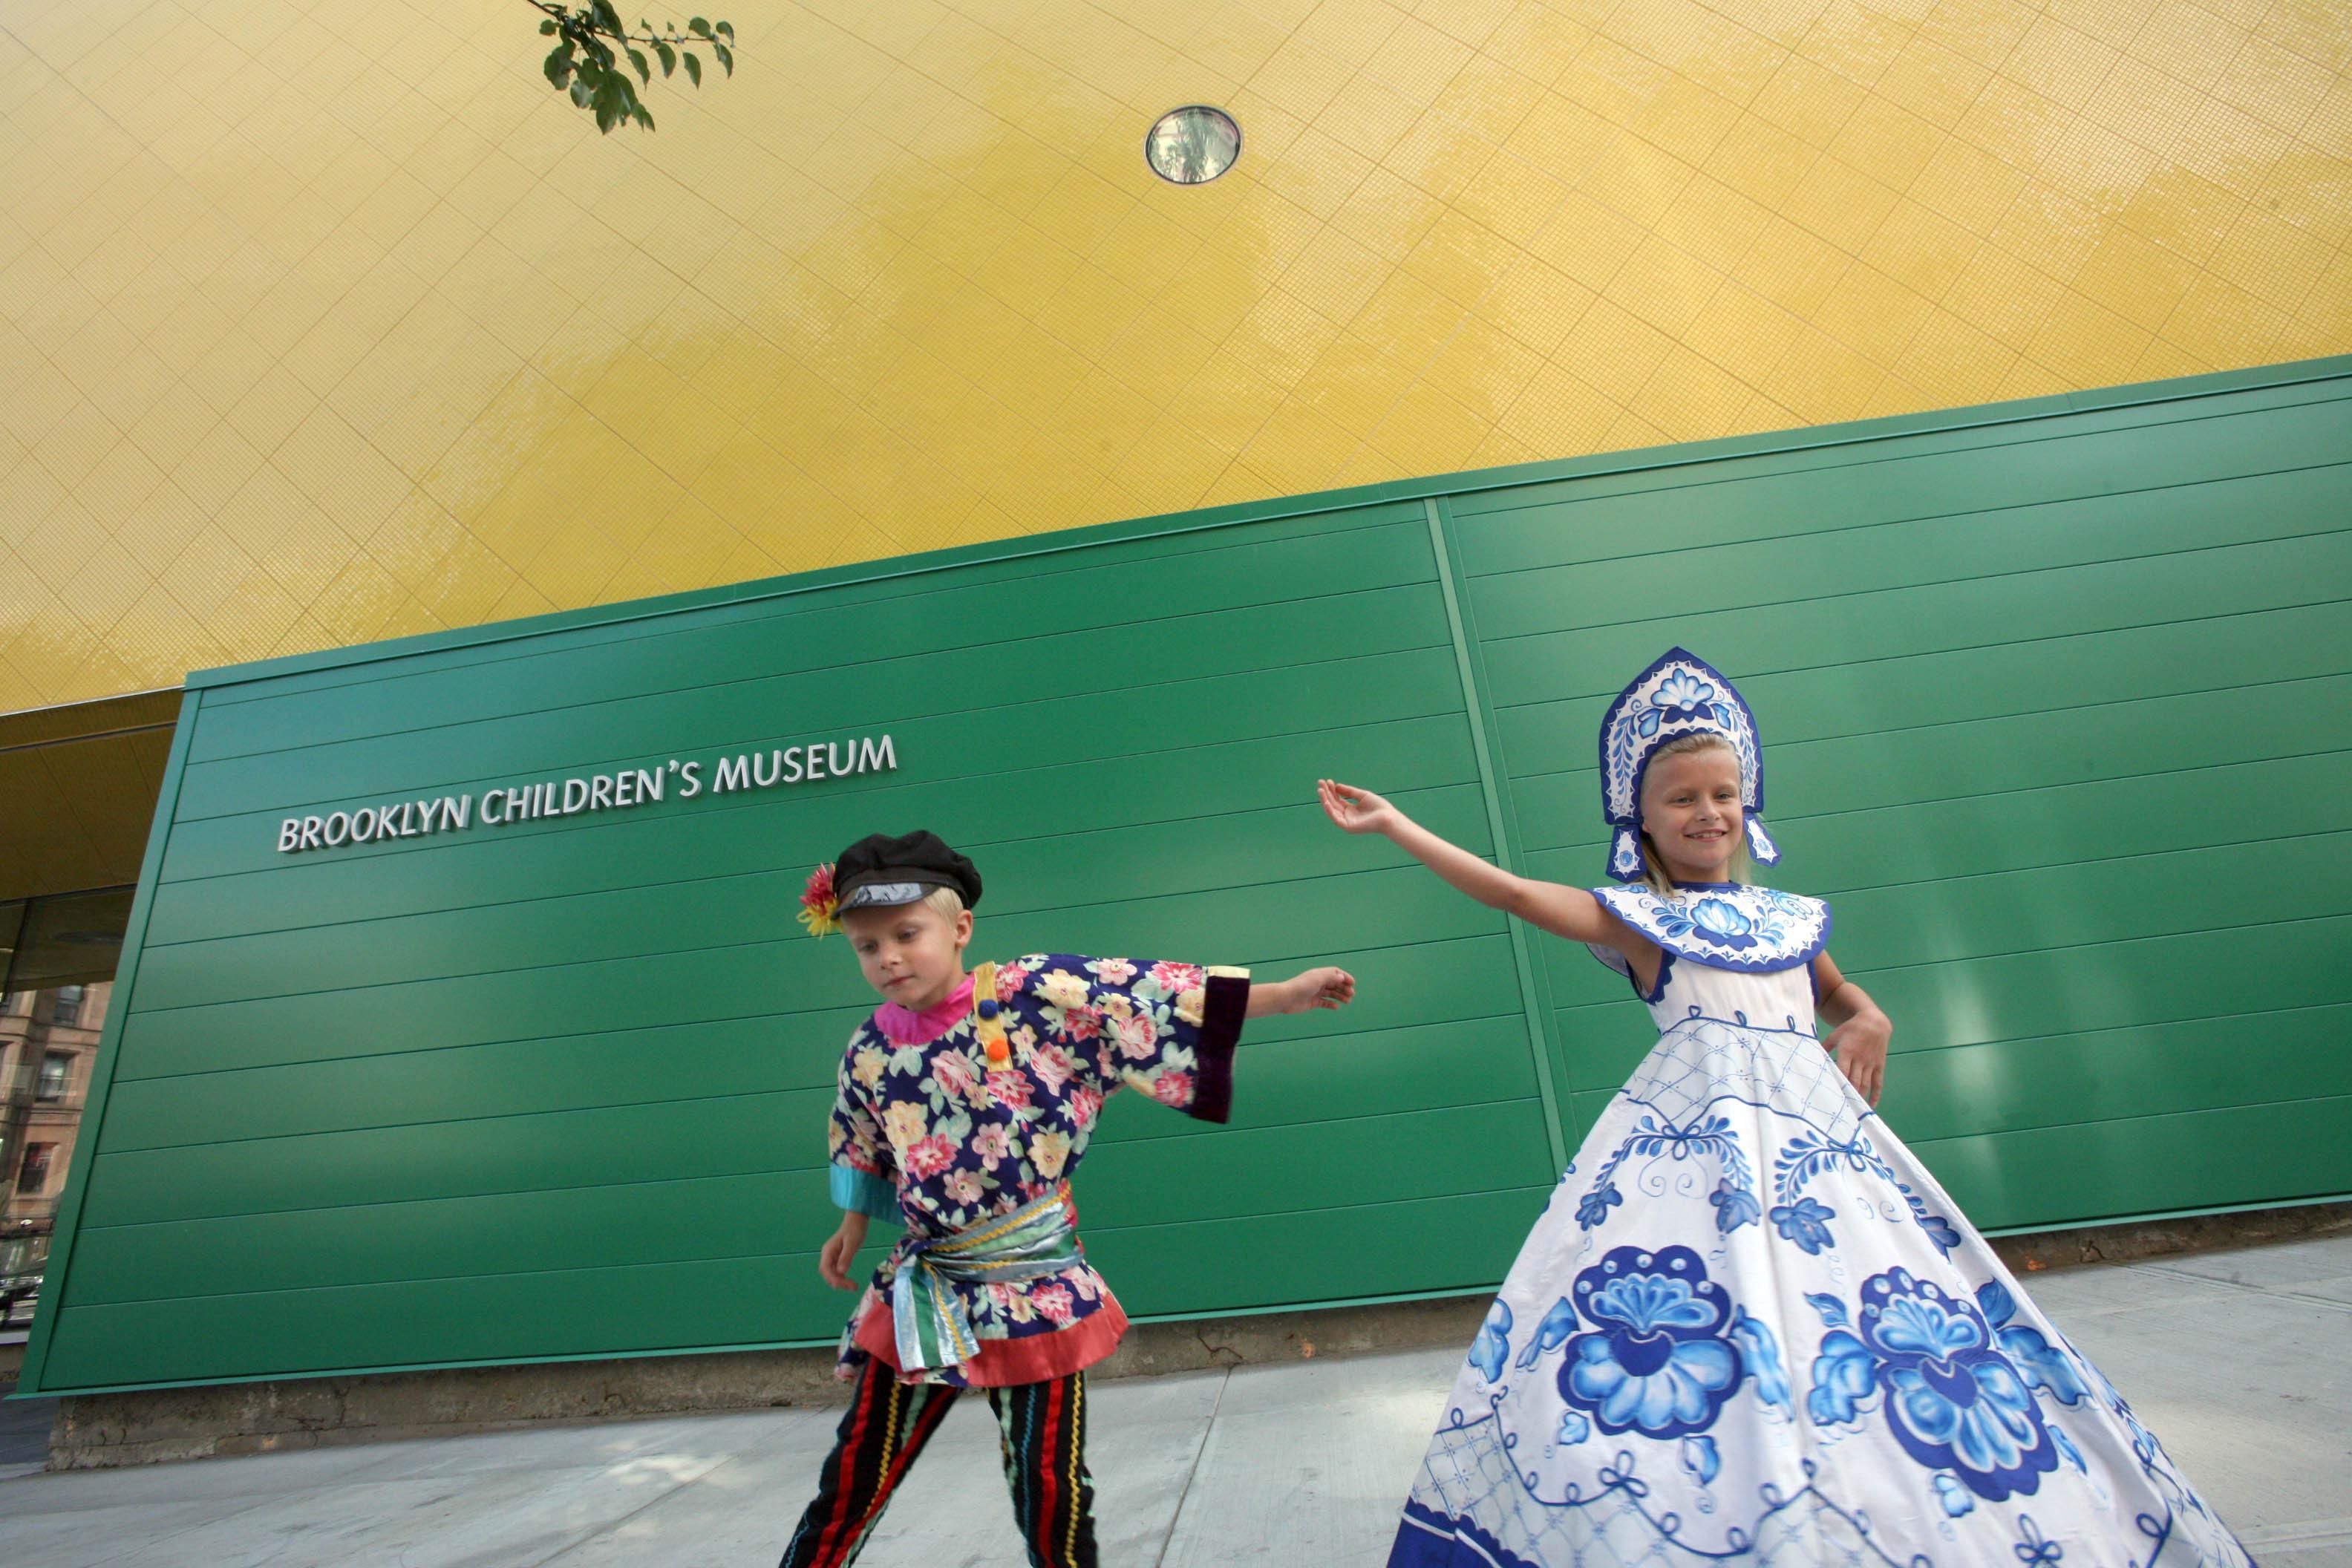 En esta foto proporcionada por el Brooklyn Children's Museum, los bailarines rusos Alexandra Lyalikov, de 8 años, y Dmitri Lyalikov, de 6 años, del Brighton Ballet Theatre, celebran la inauguración del recientemente ampliado Brooklyn Children's Museum, el miércoles 17 de septiembre de 2008, en el Brooklyn, Nueva York.